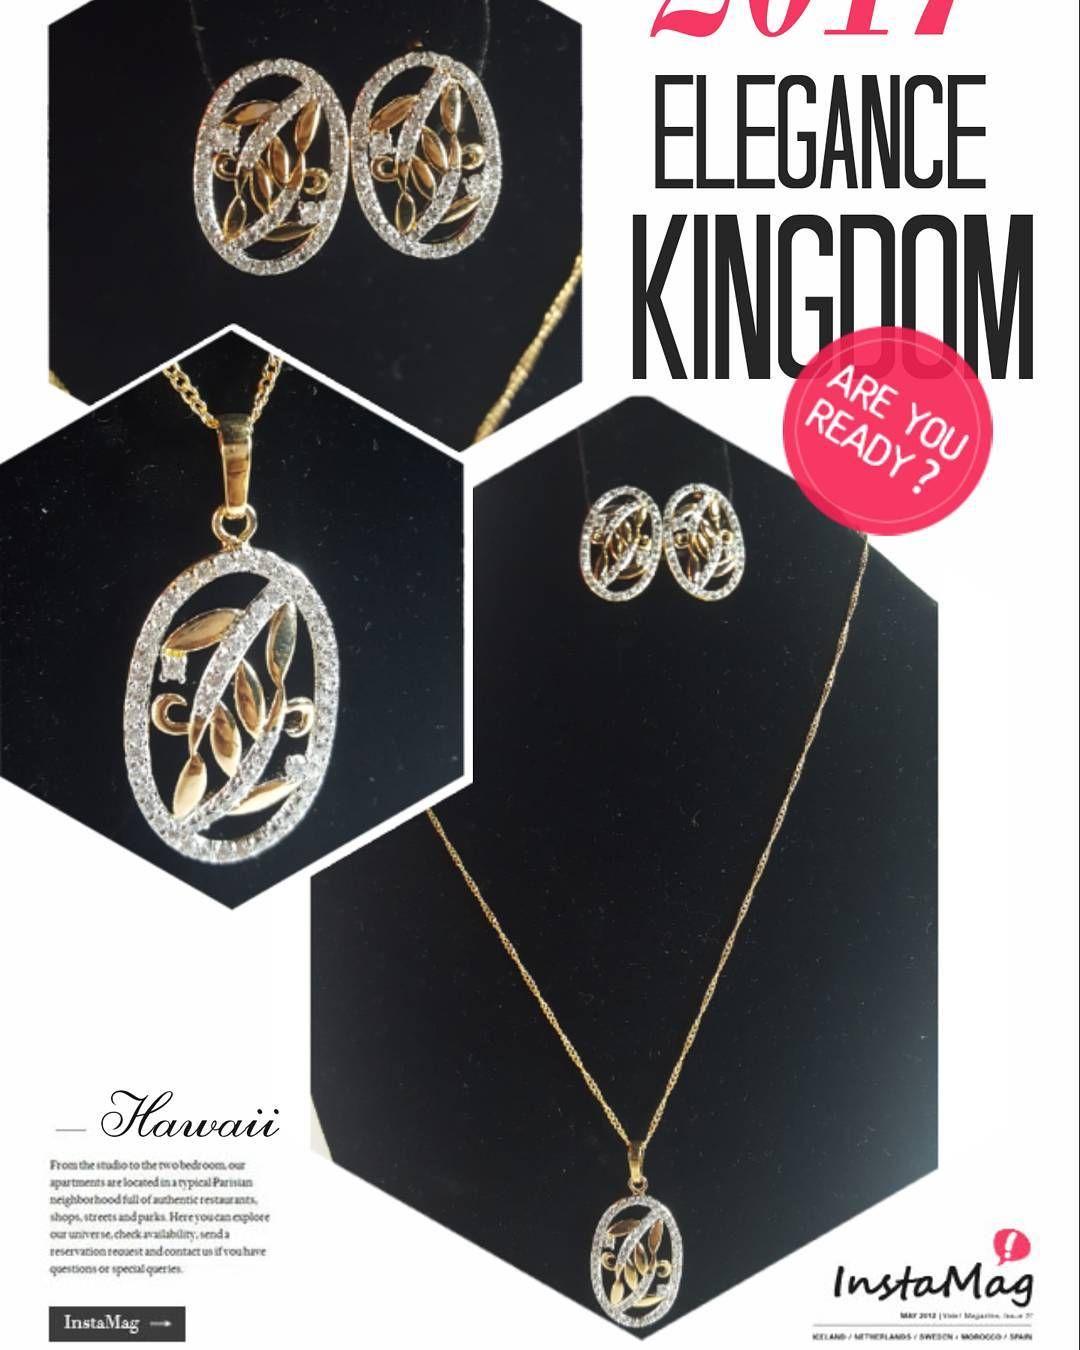 أجمل وأحلي إكسسواراتك من الذهب 2020 اكسسوارات ذهب راقية أطقم إكسسورات ذهب للعروس2020 Diamond Earrings Diamond Ring Diamond